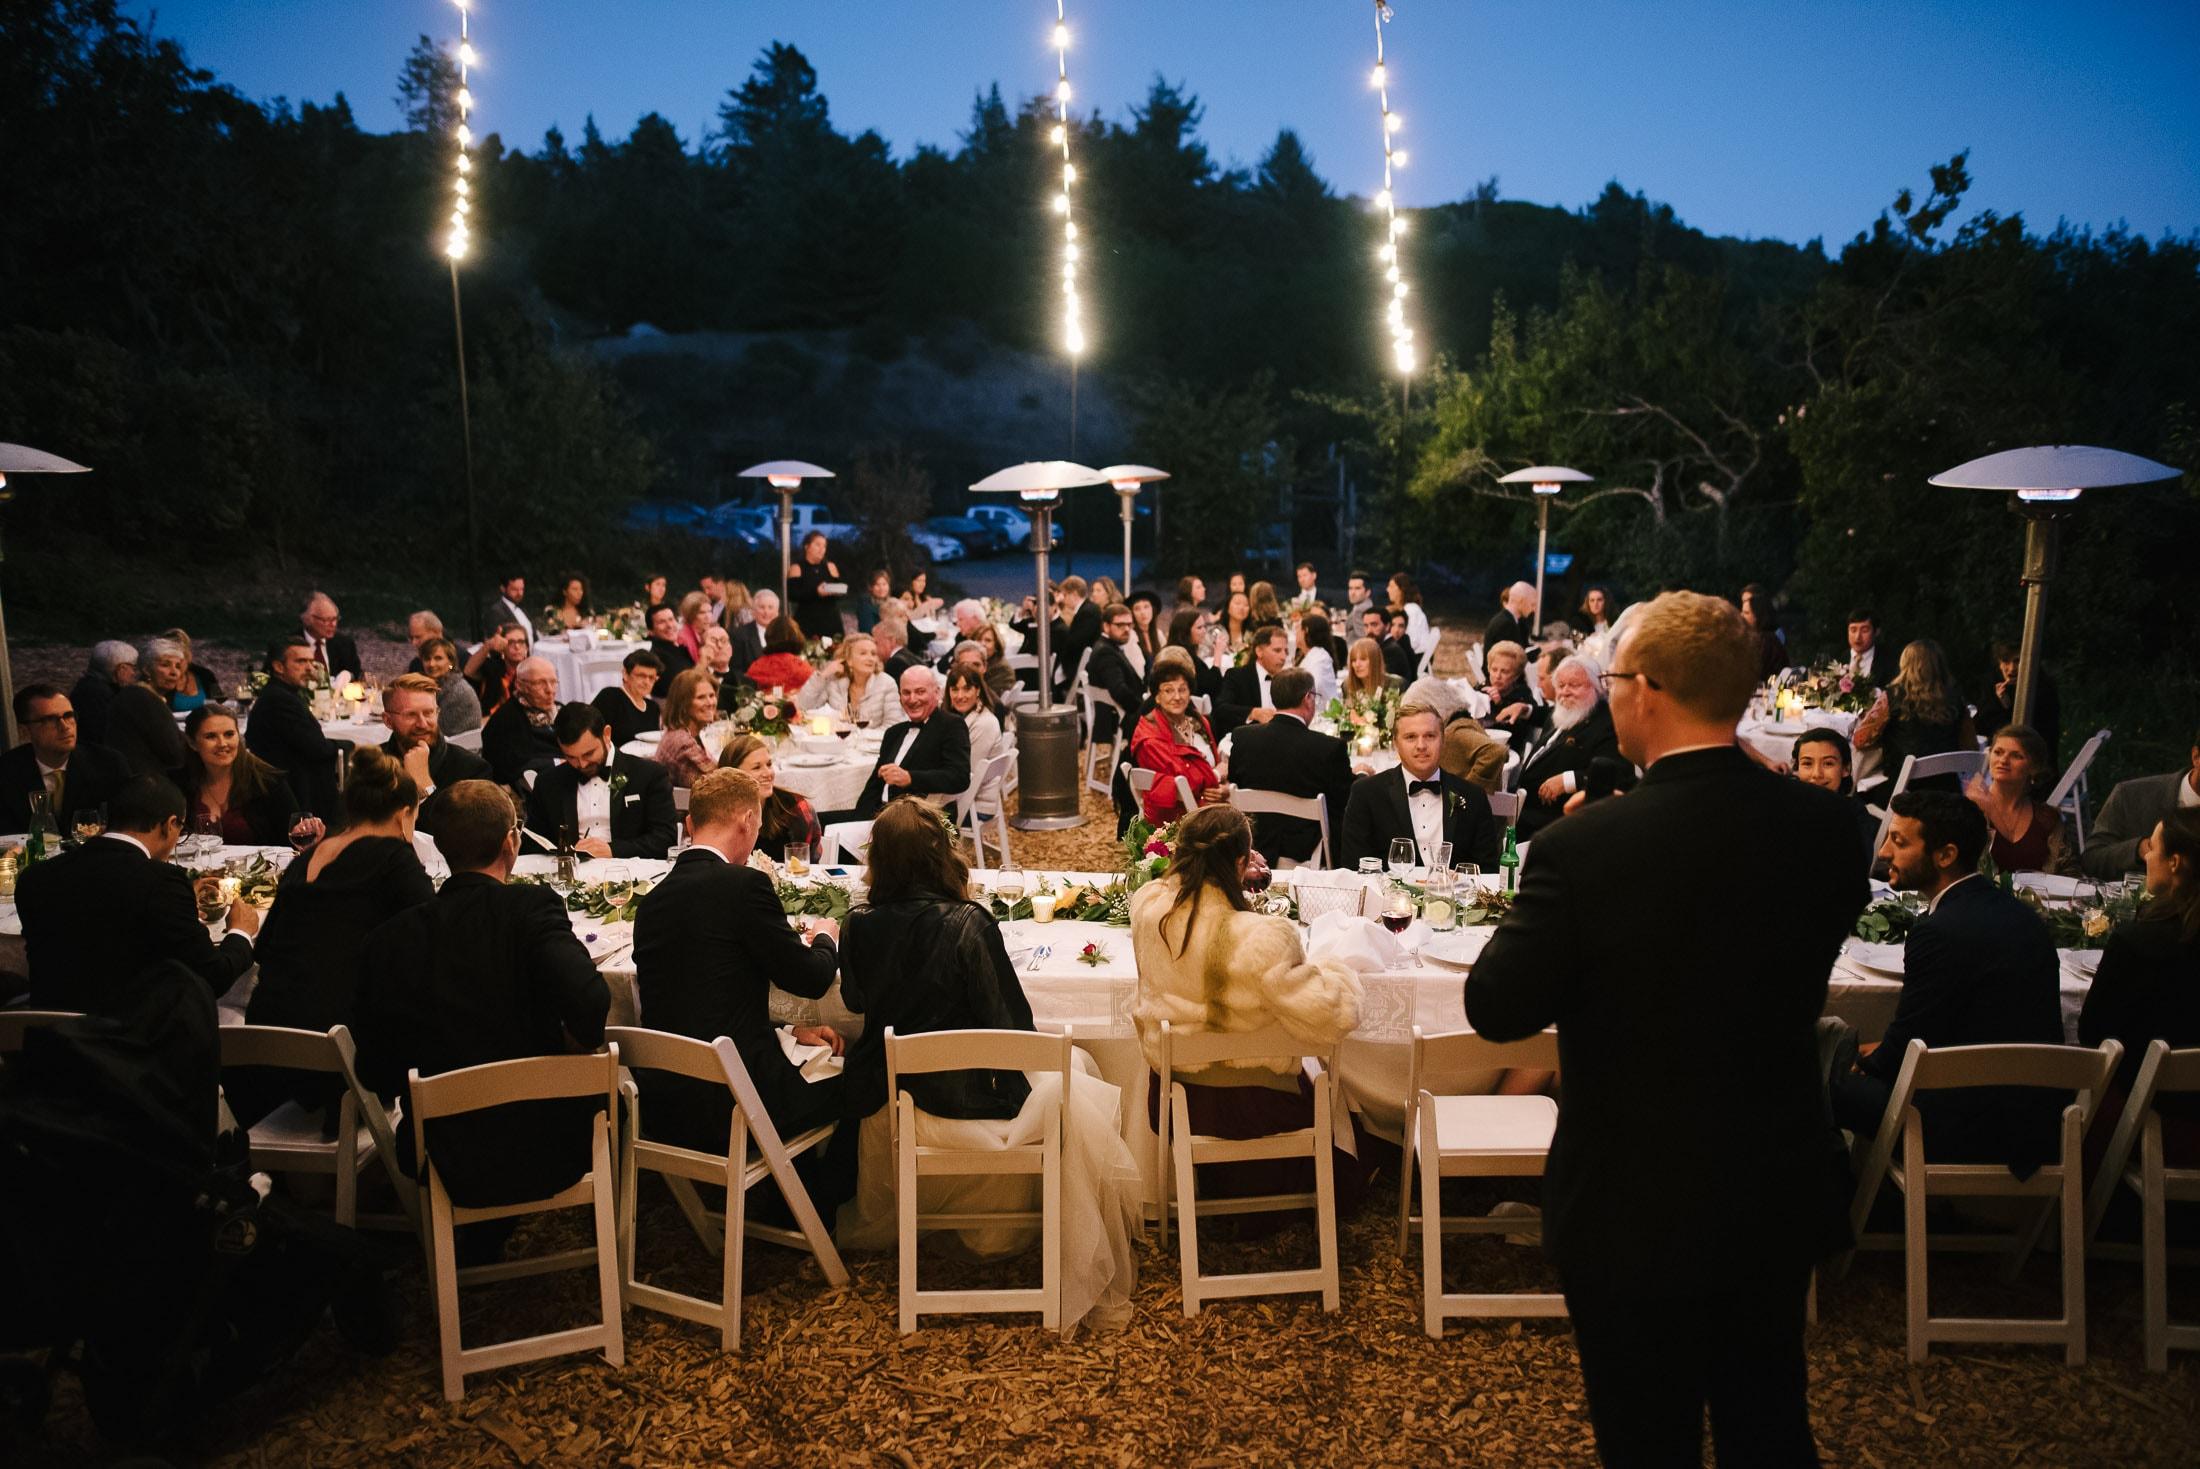 Oz Farm Wedding Reception